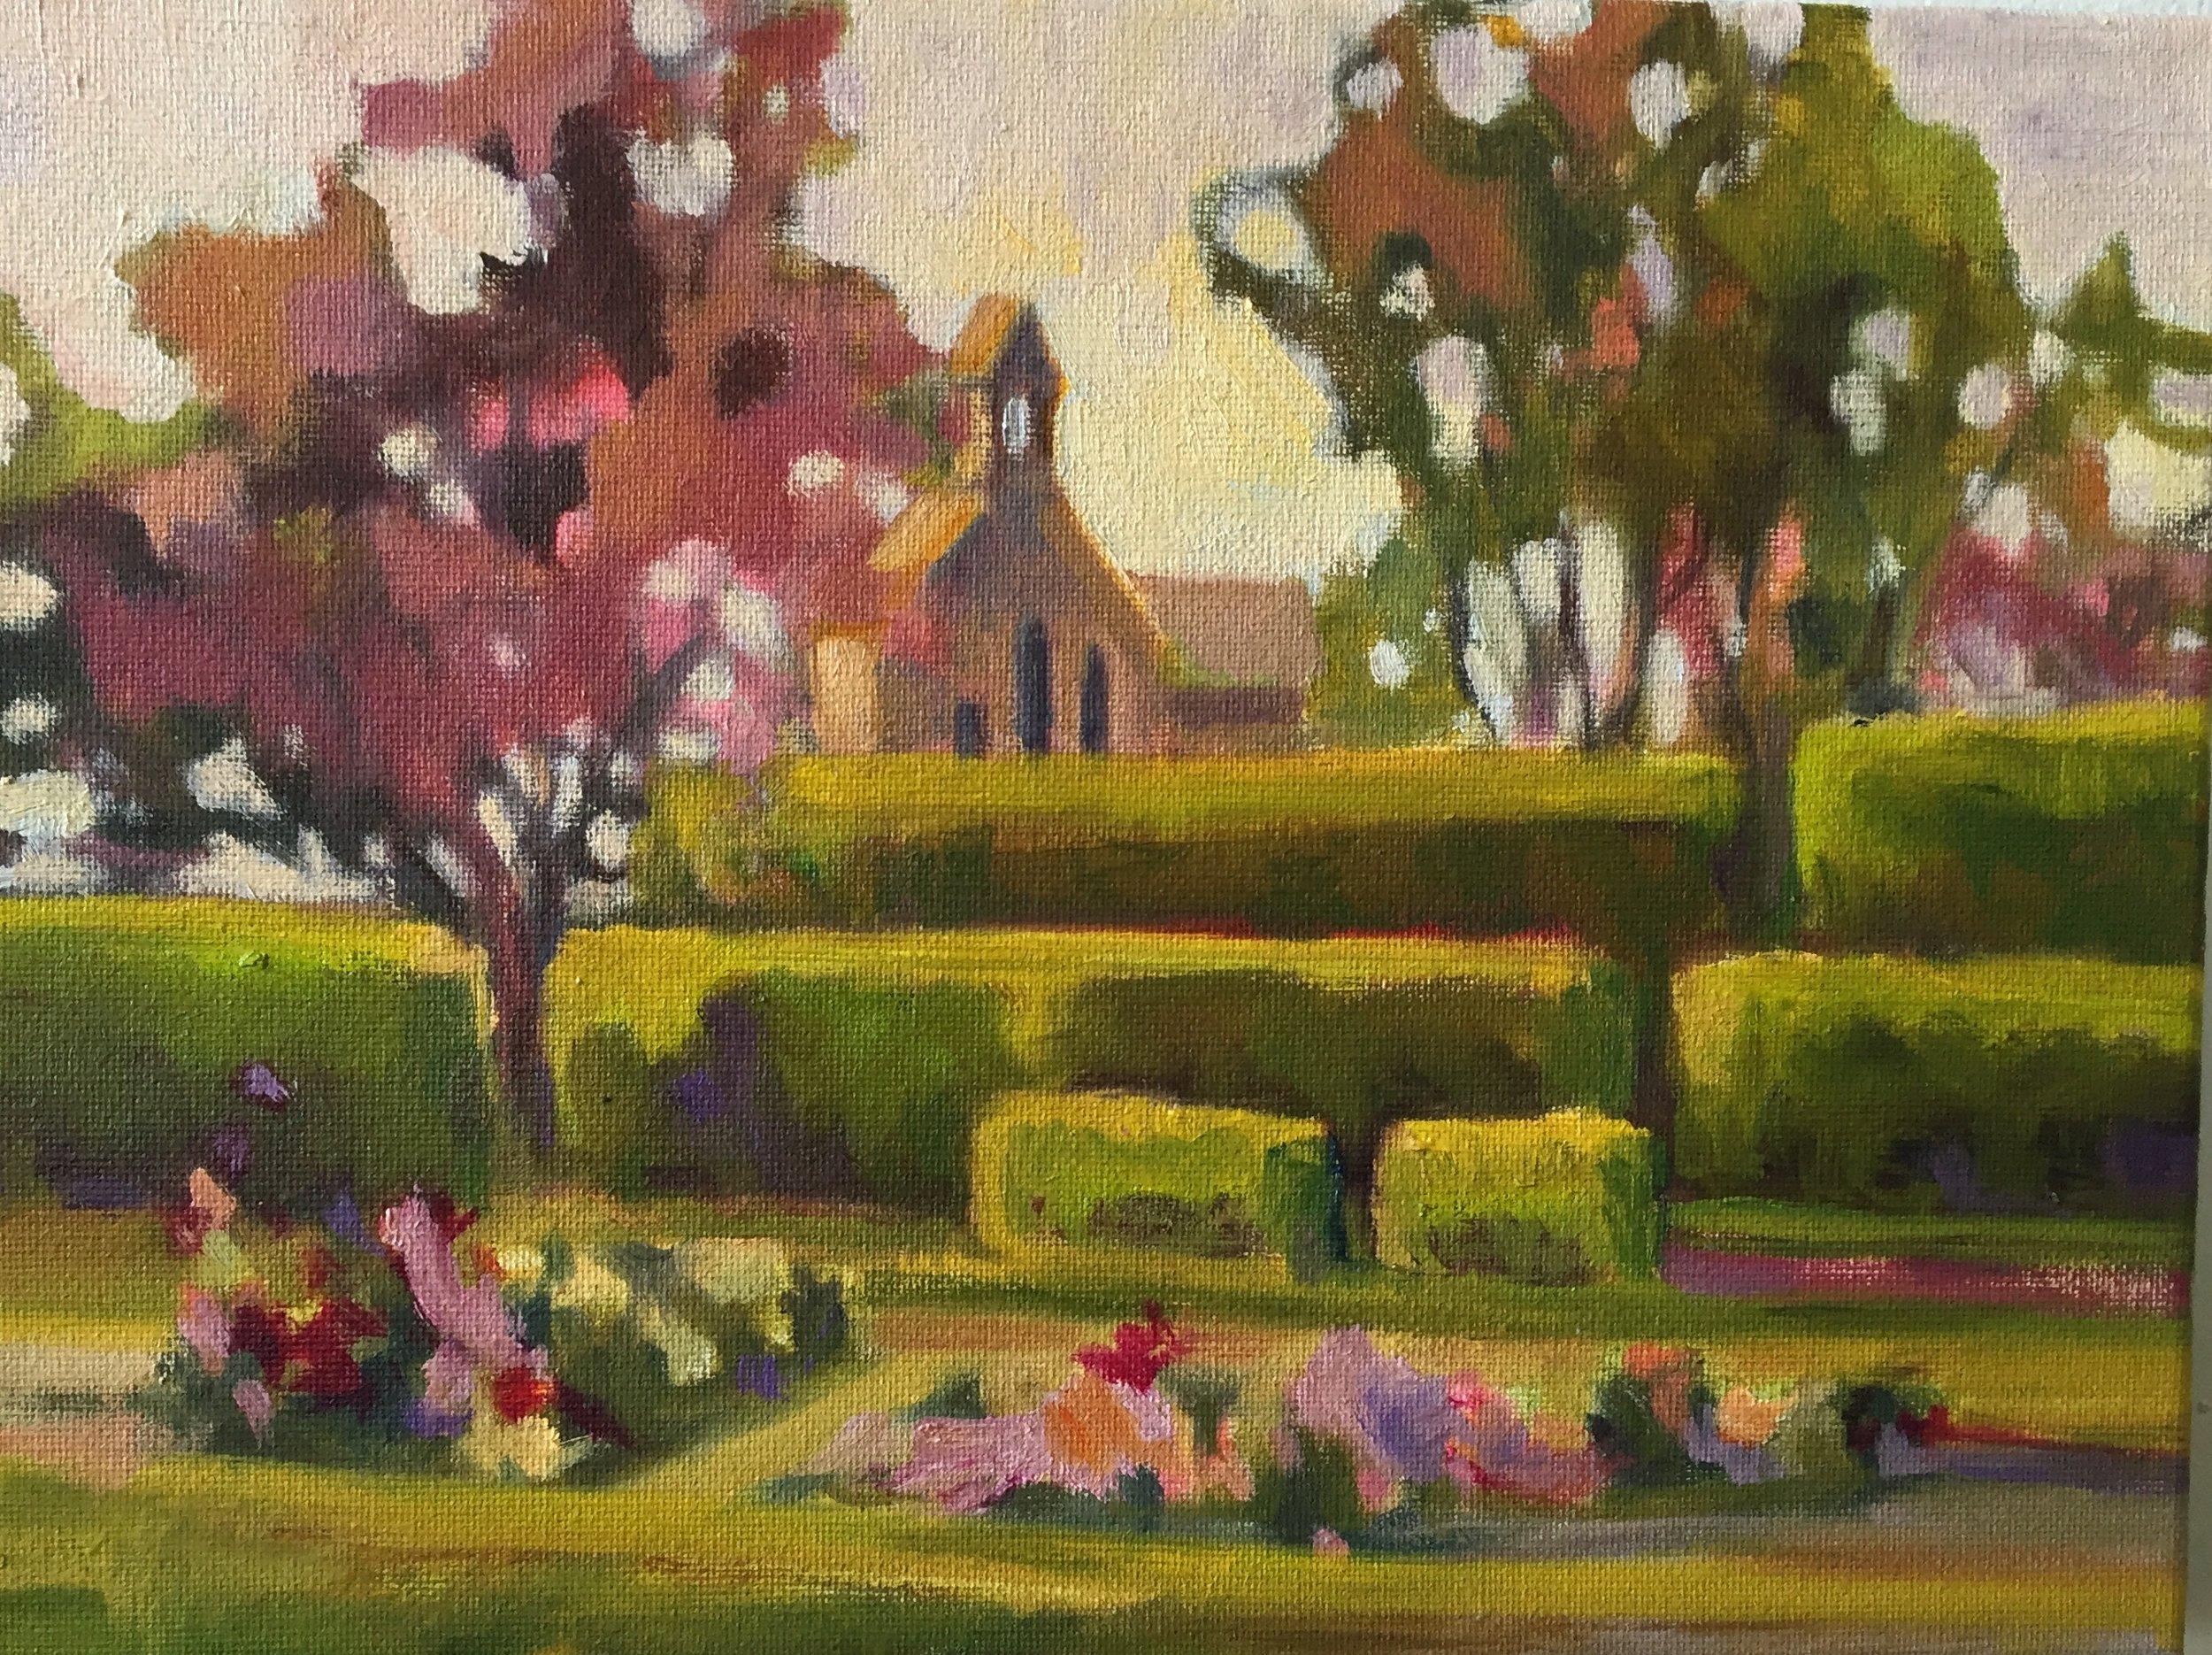 Fuller Garden, oils, 9 x 12